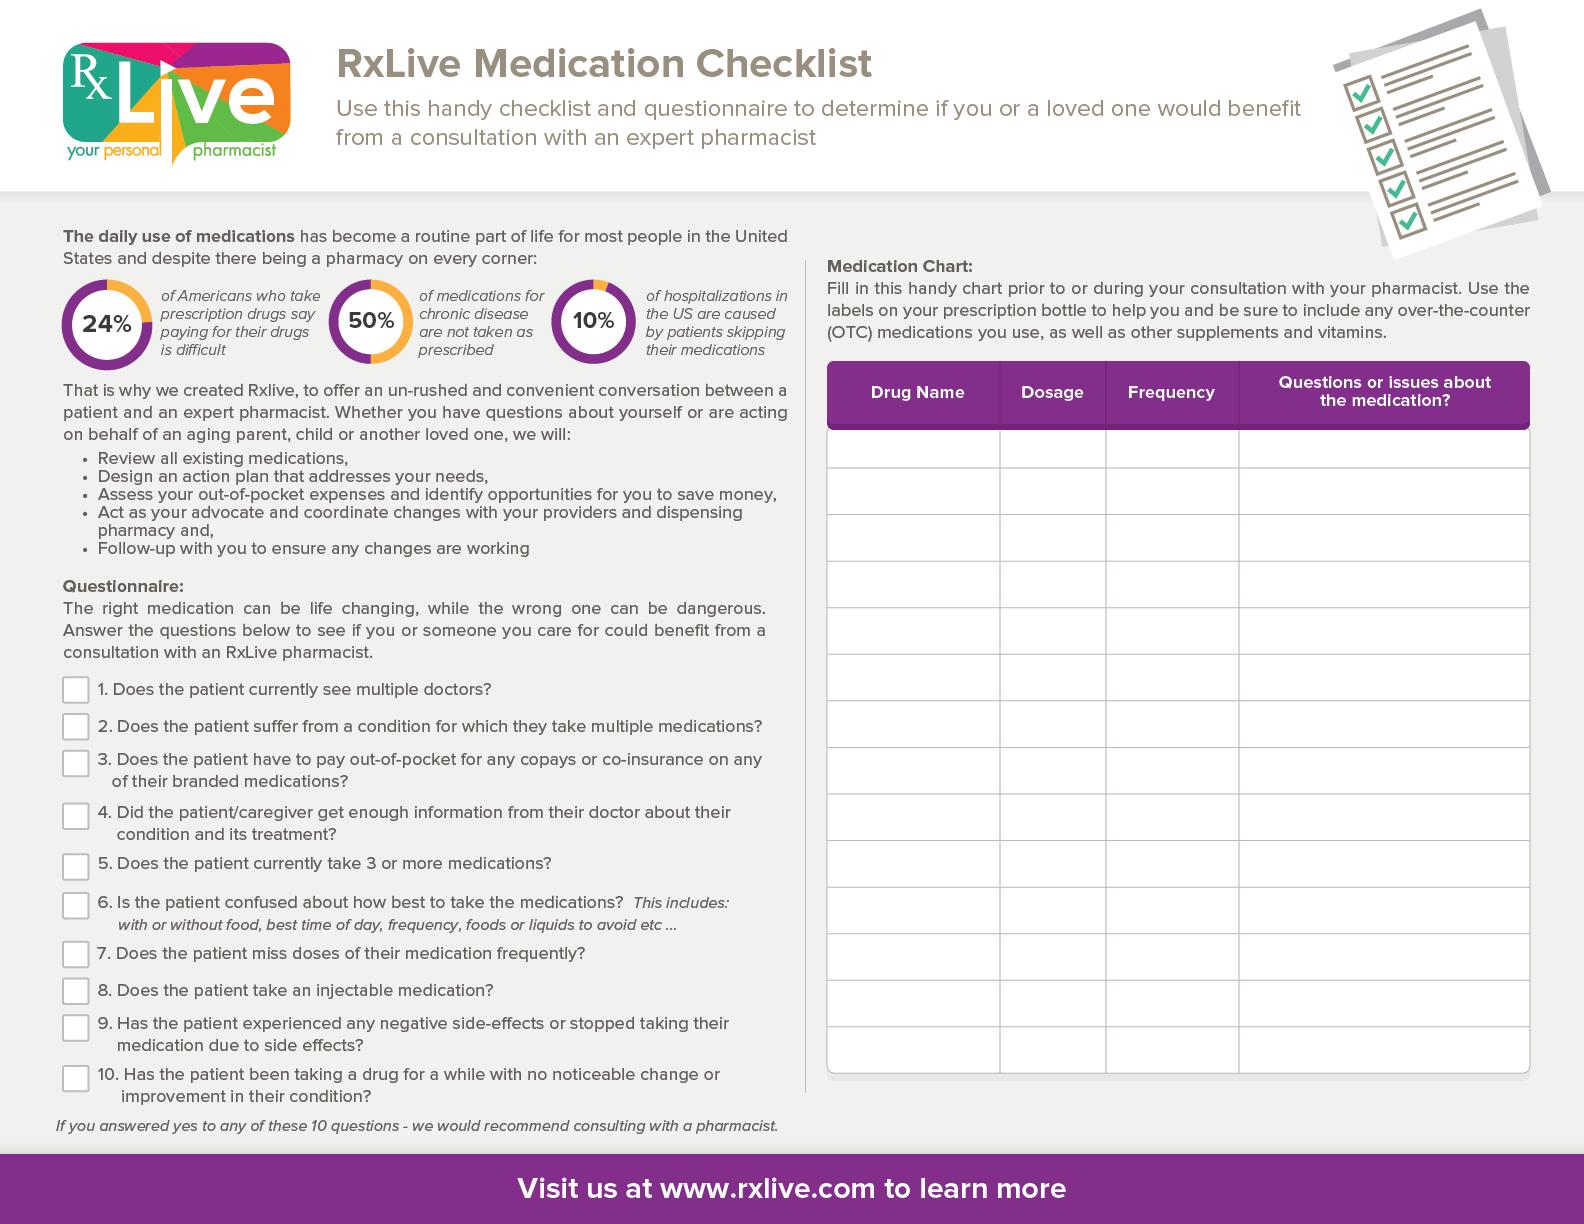 RxLive - Medication Checklist.png